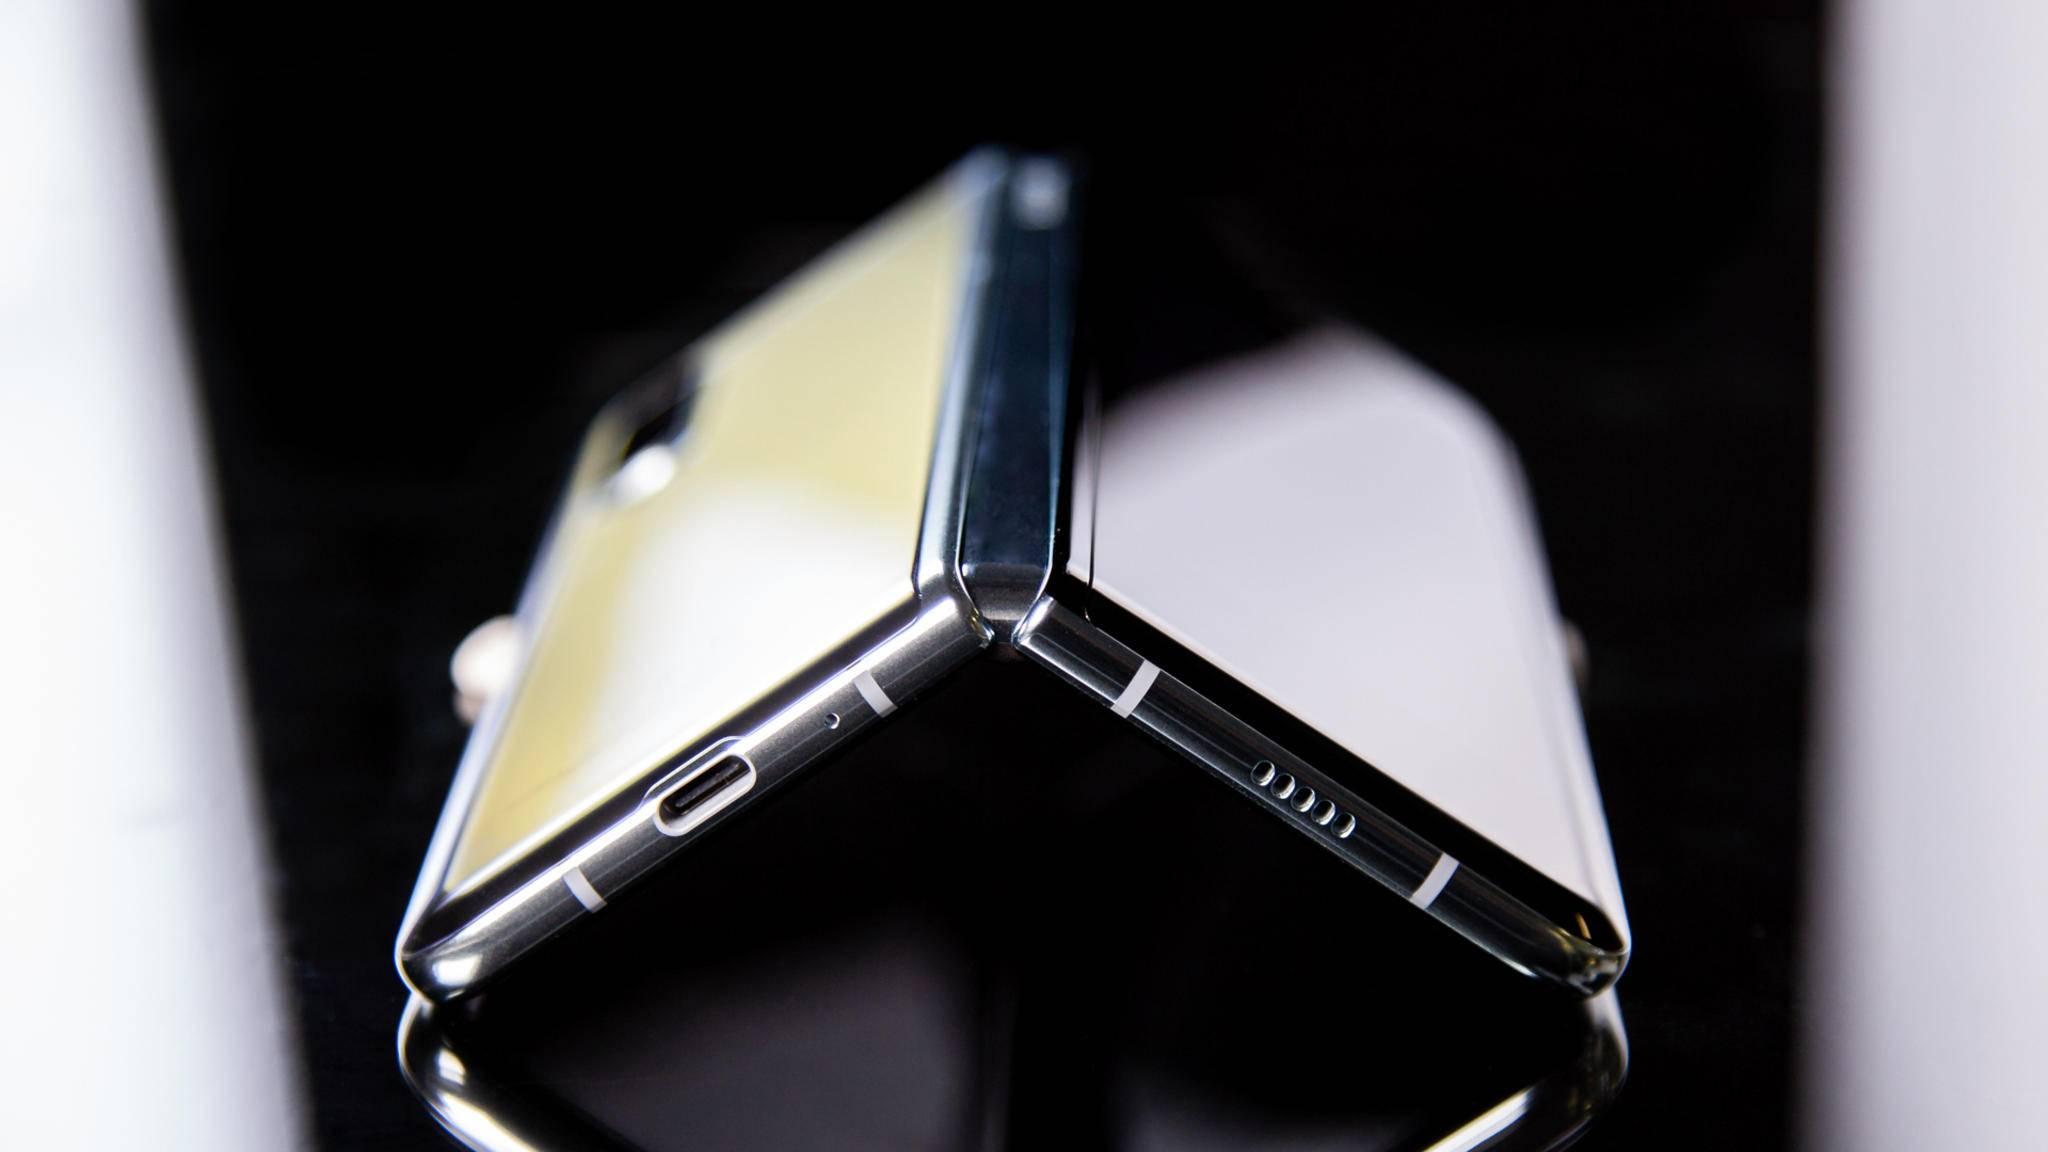 Wie könnte der Nachfolger des Galaxy Fold (im Bild) aussehen?